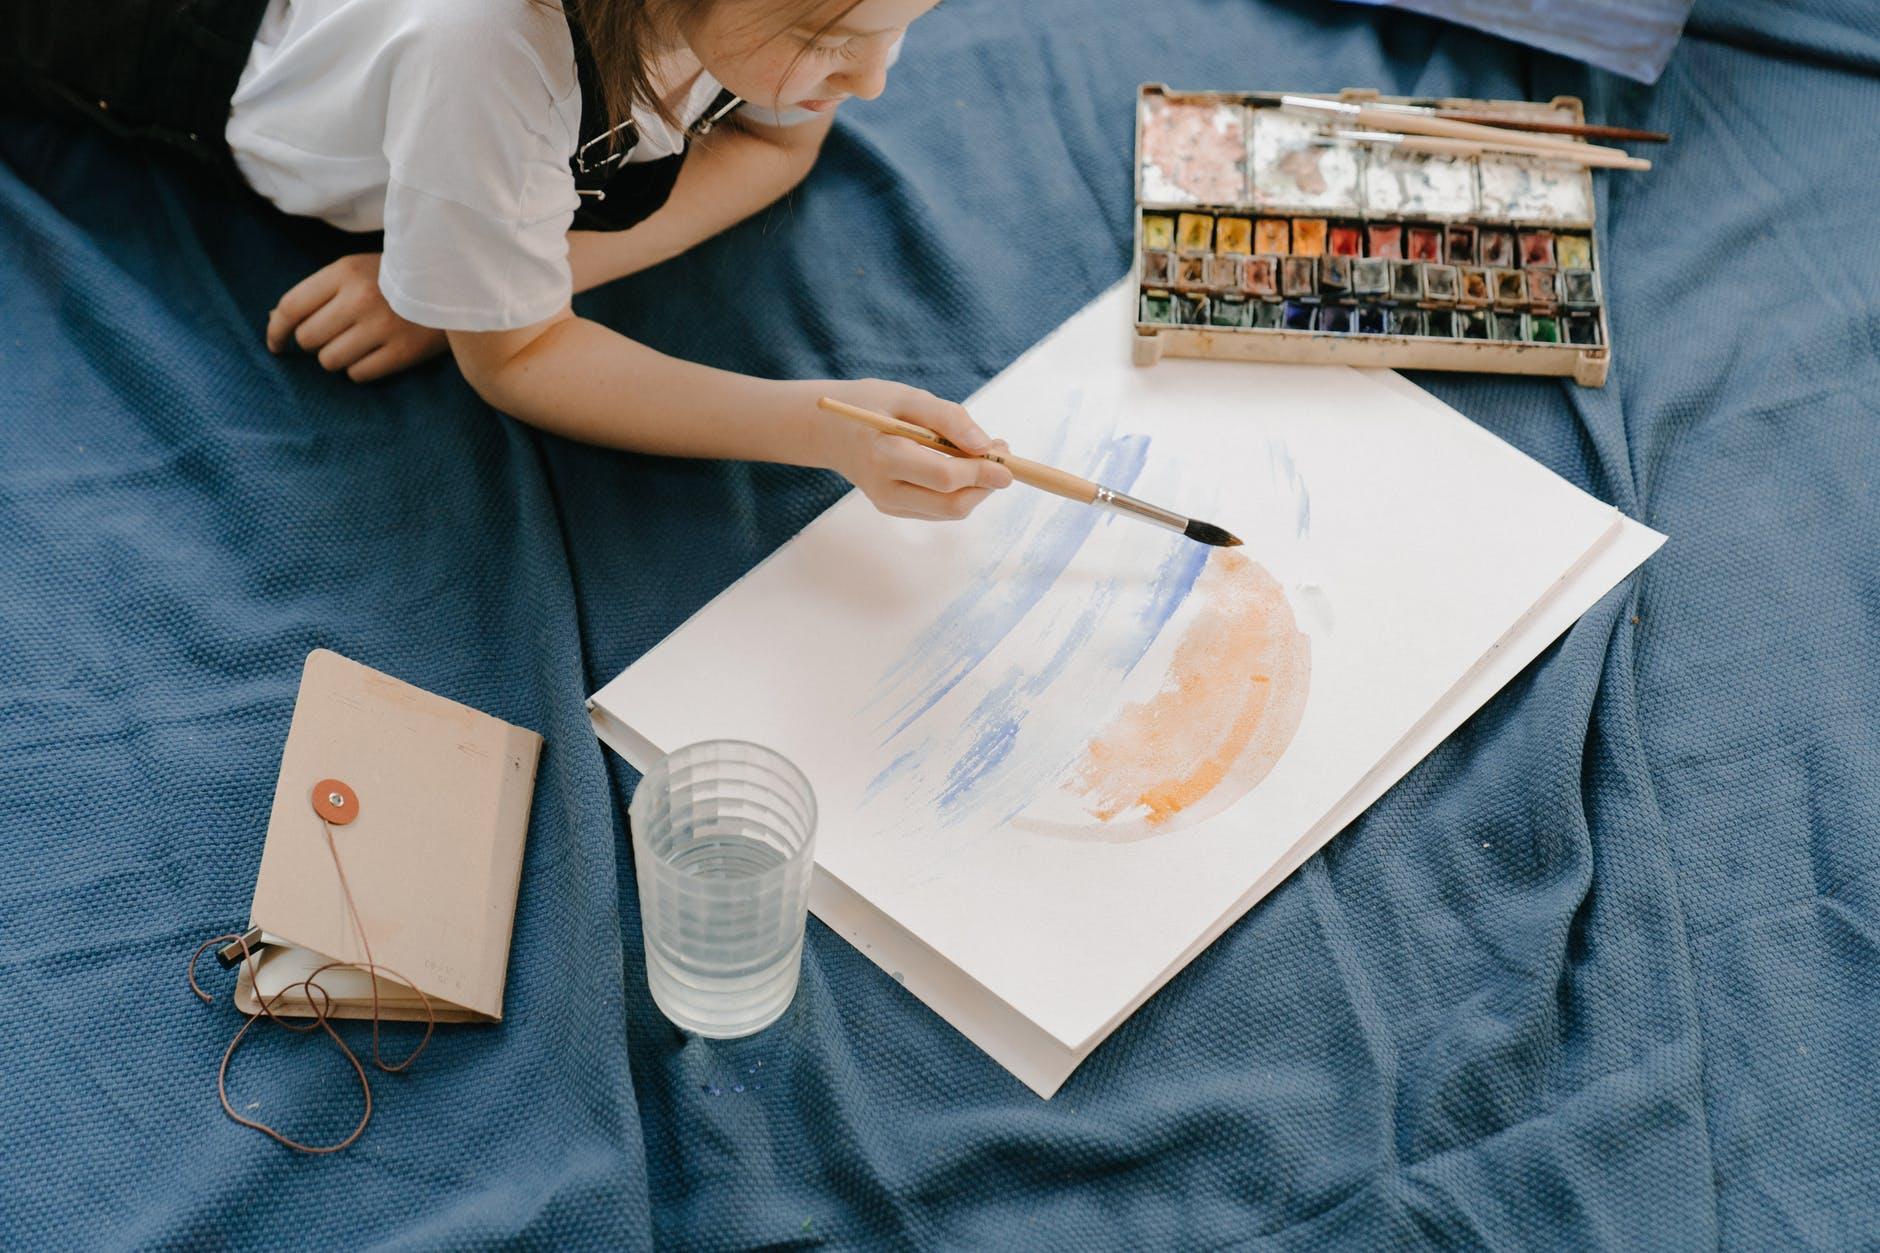 girl in white shirt holding paint brush